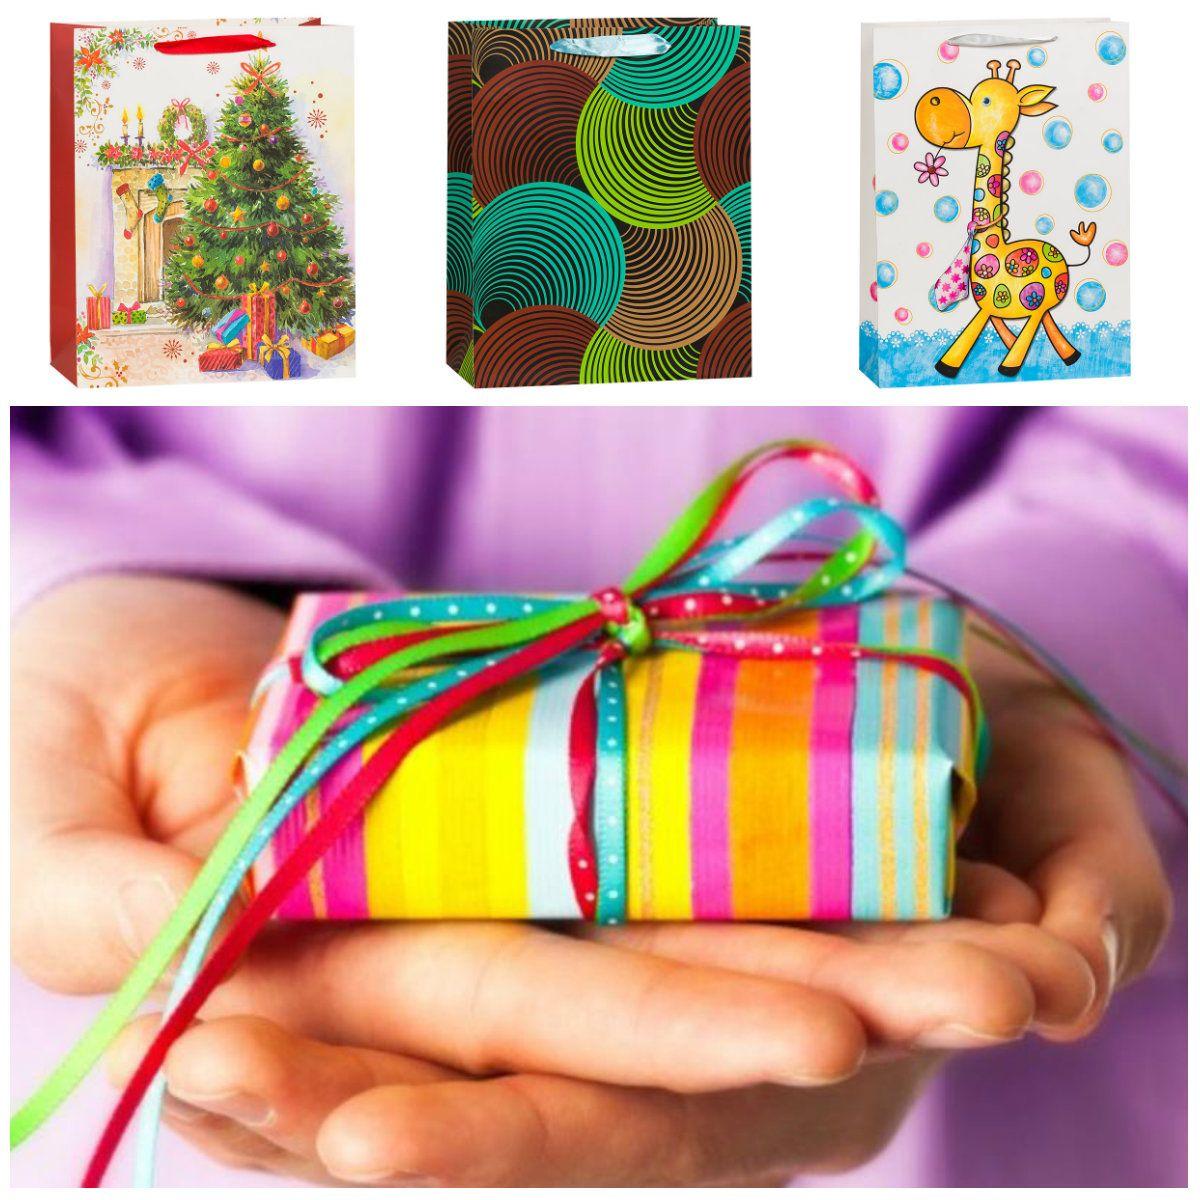 Подарочные сертификаты на впечатления – купить сертификат на впечатление в подарок по выгодной цене в интернет-магазине Комус